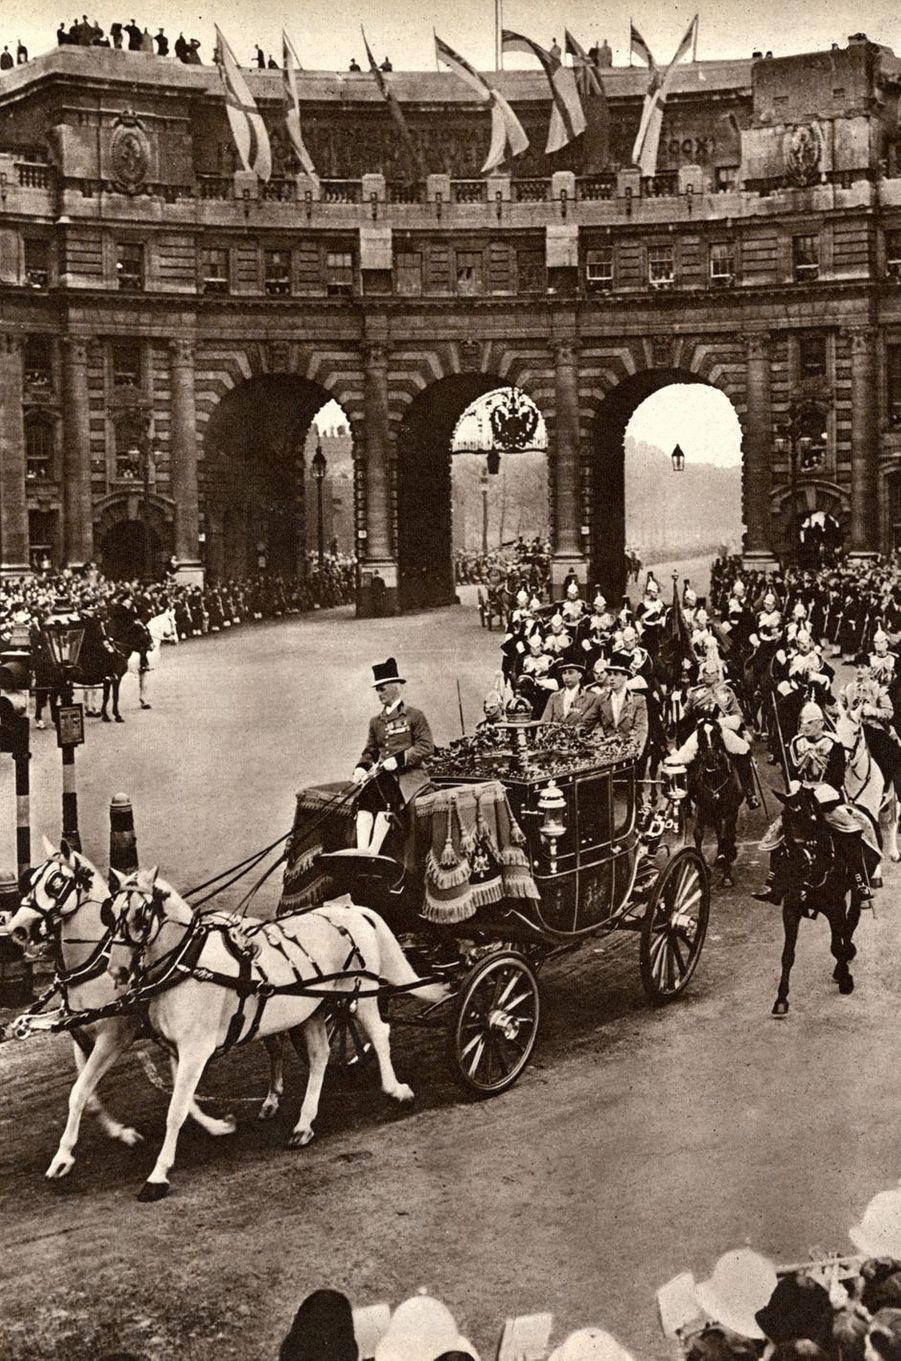 Le cortège royal à Londres, le 20 novembre 1947, jour du mariage de la princesse Elizabeth et du prince Philip